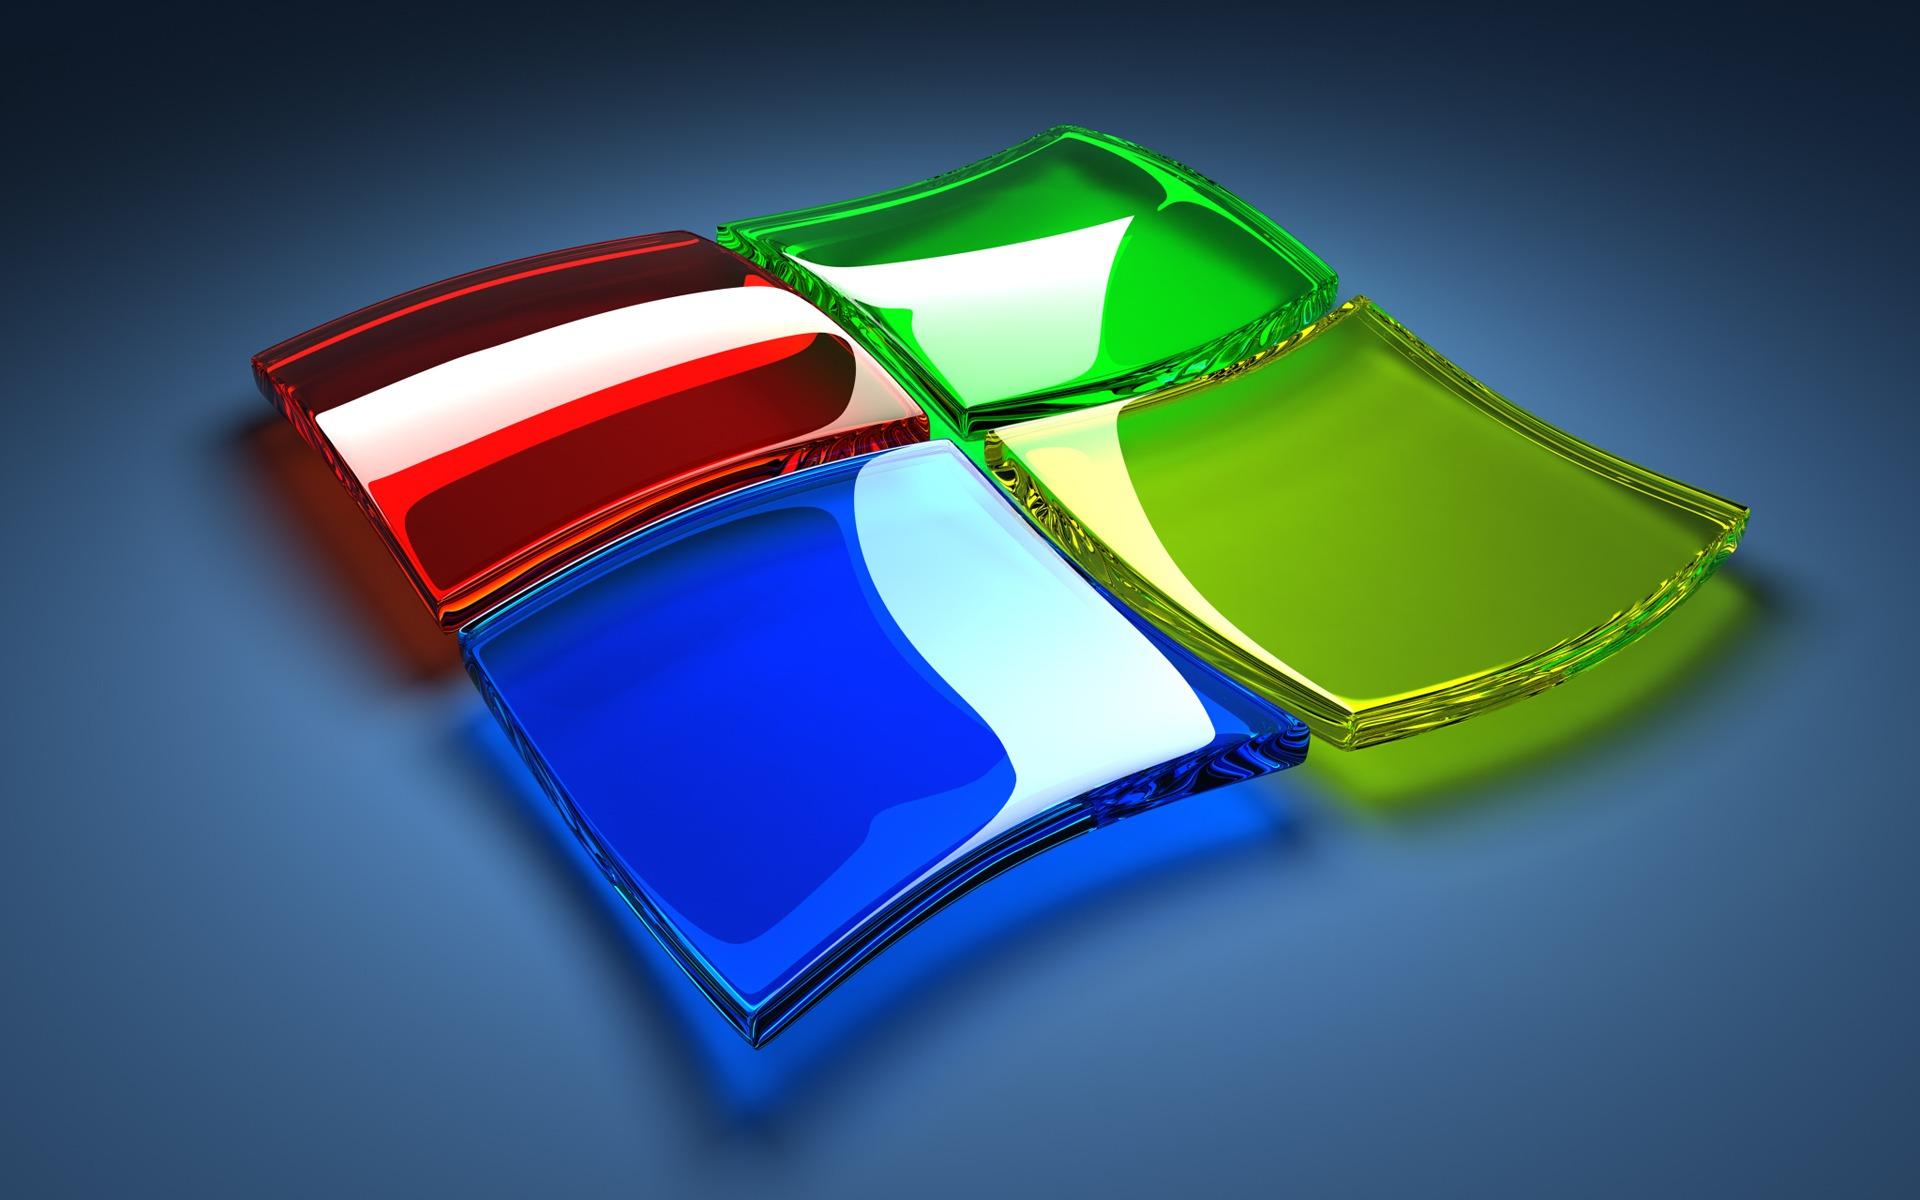 3d abstract windows 7 3d wallpaper hd hd wallpapers desktop 1920x1200